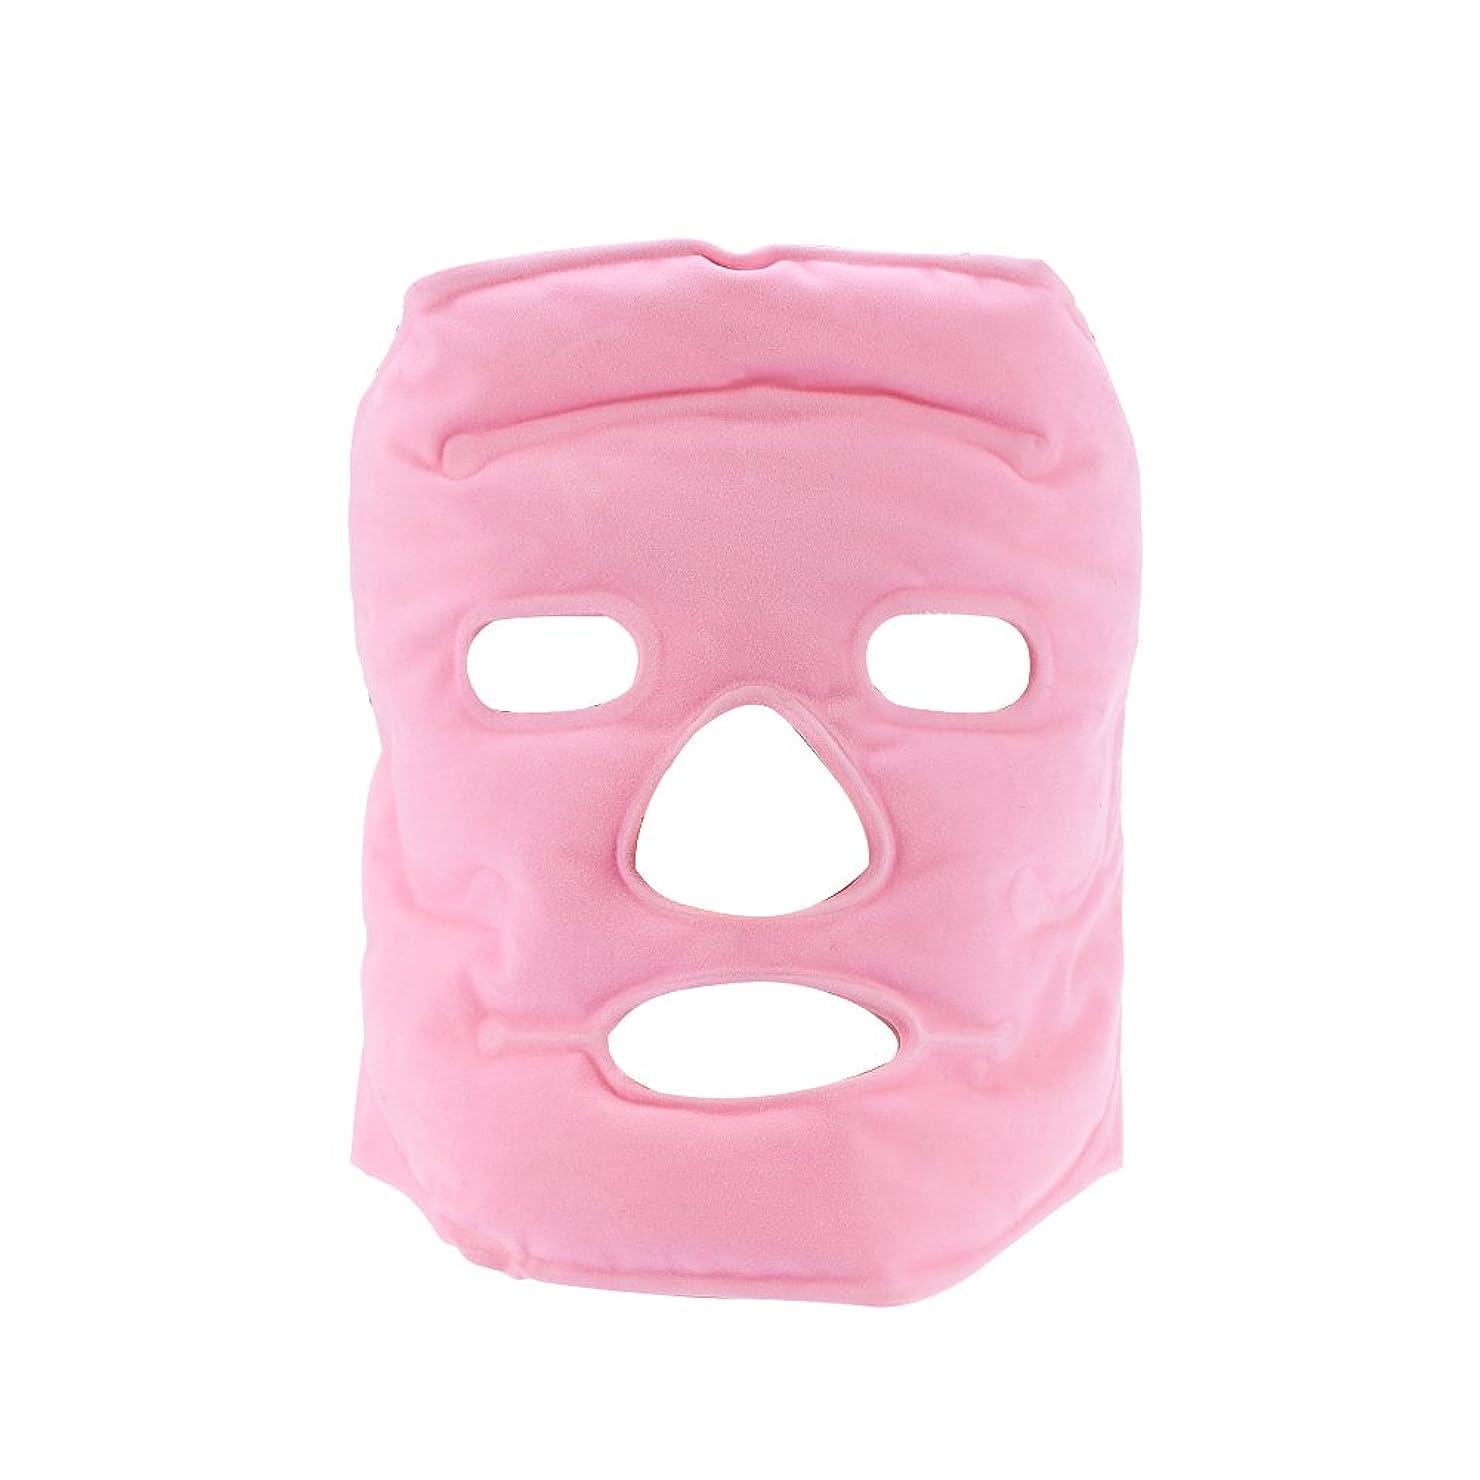 正当なジェム同行するトルマリンフェイスマスク、フェイシャル美容マスク計器トルマリン磁気コールド/ホットコンプレッションマッサージアンチリンクルフェイスケア女性